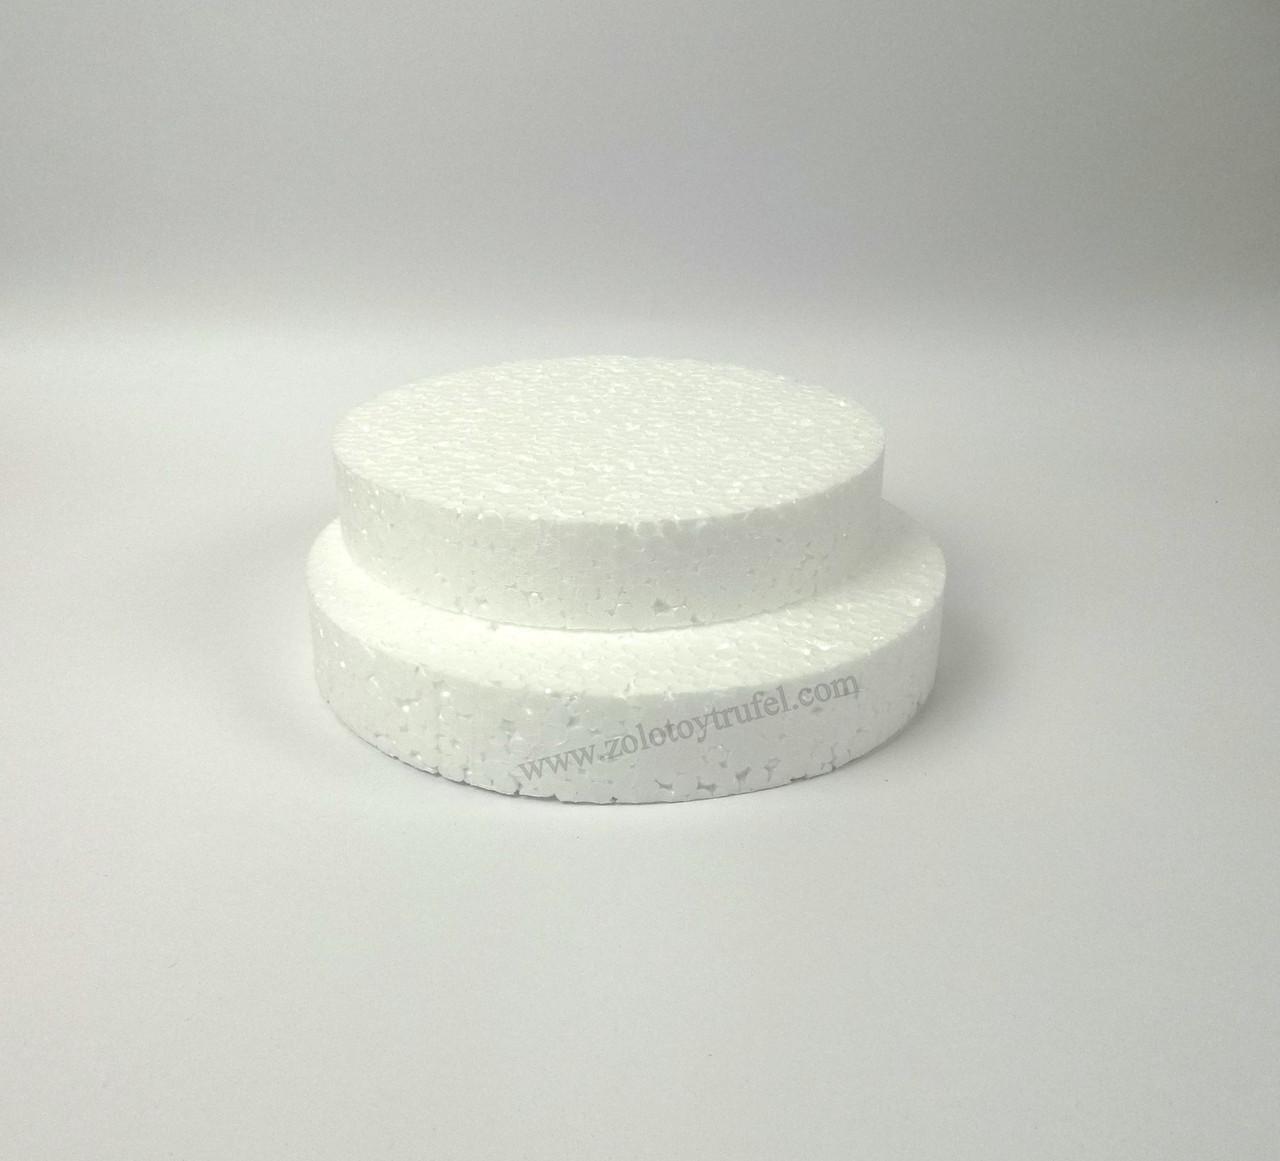 Прослойки пенопластовые для торта d 26 см h 3 см